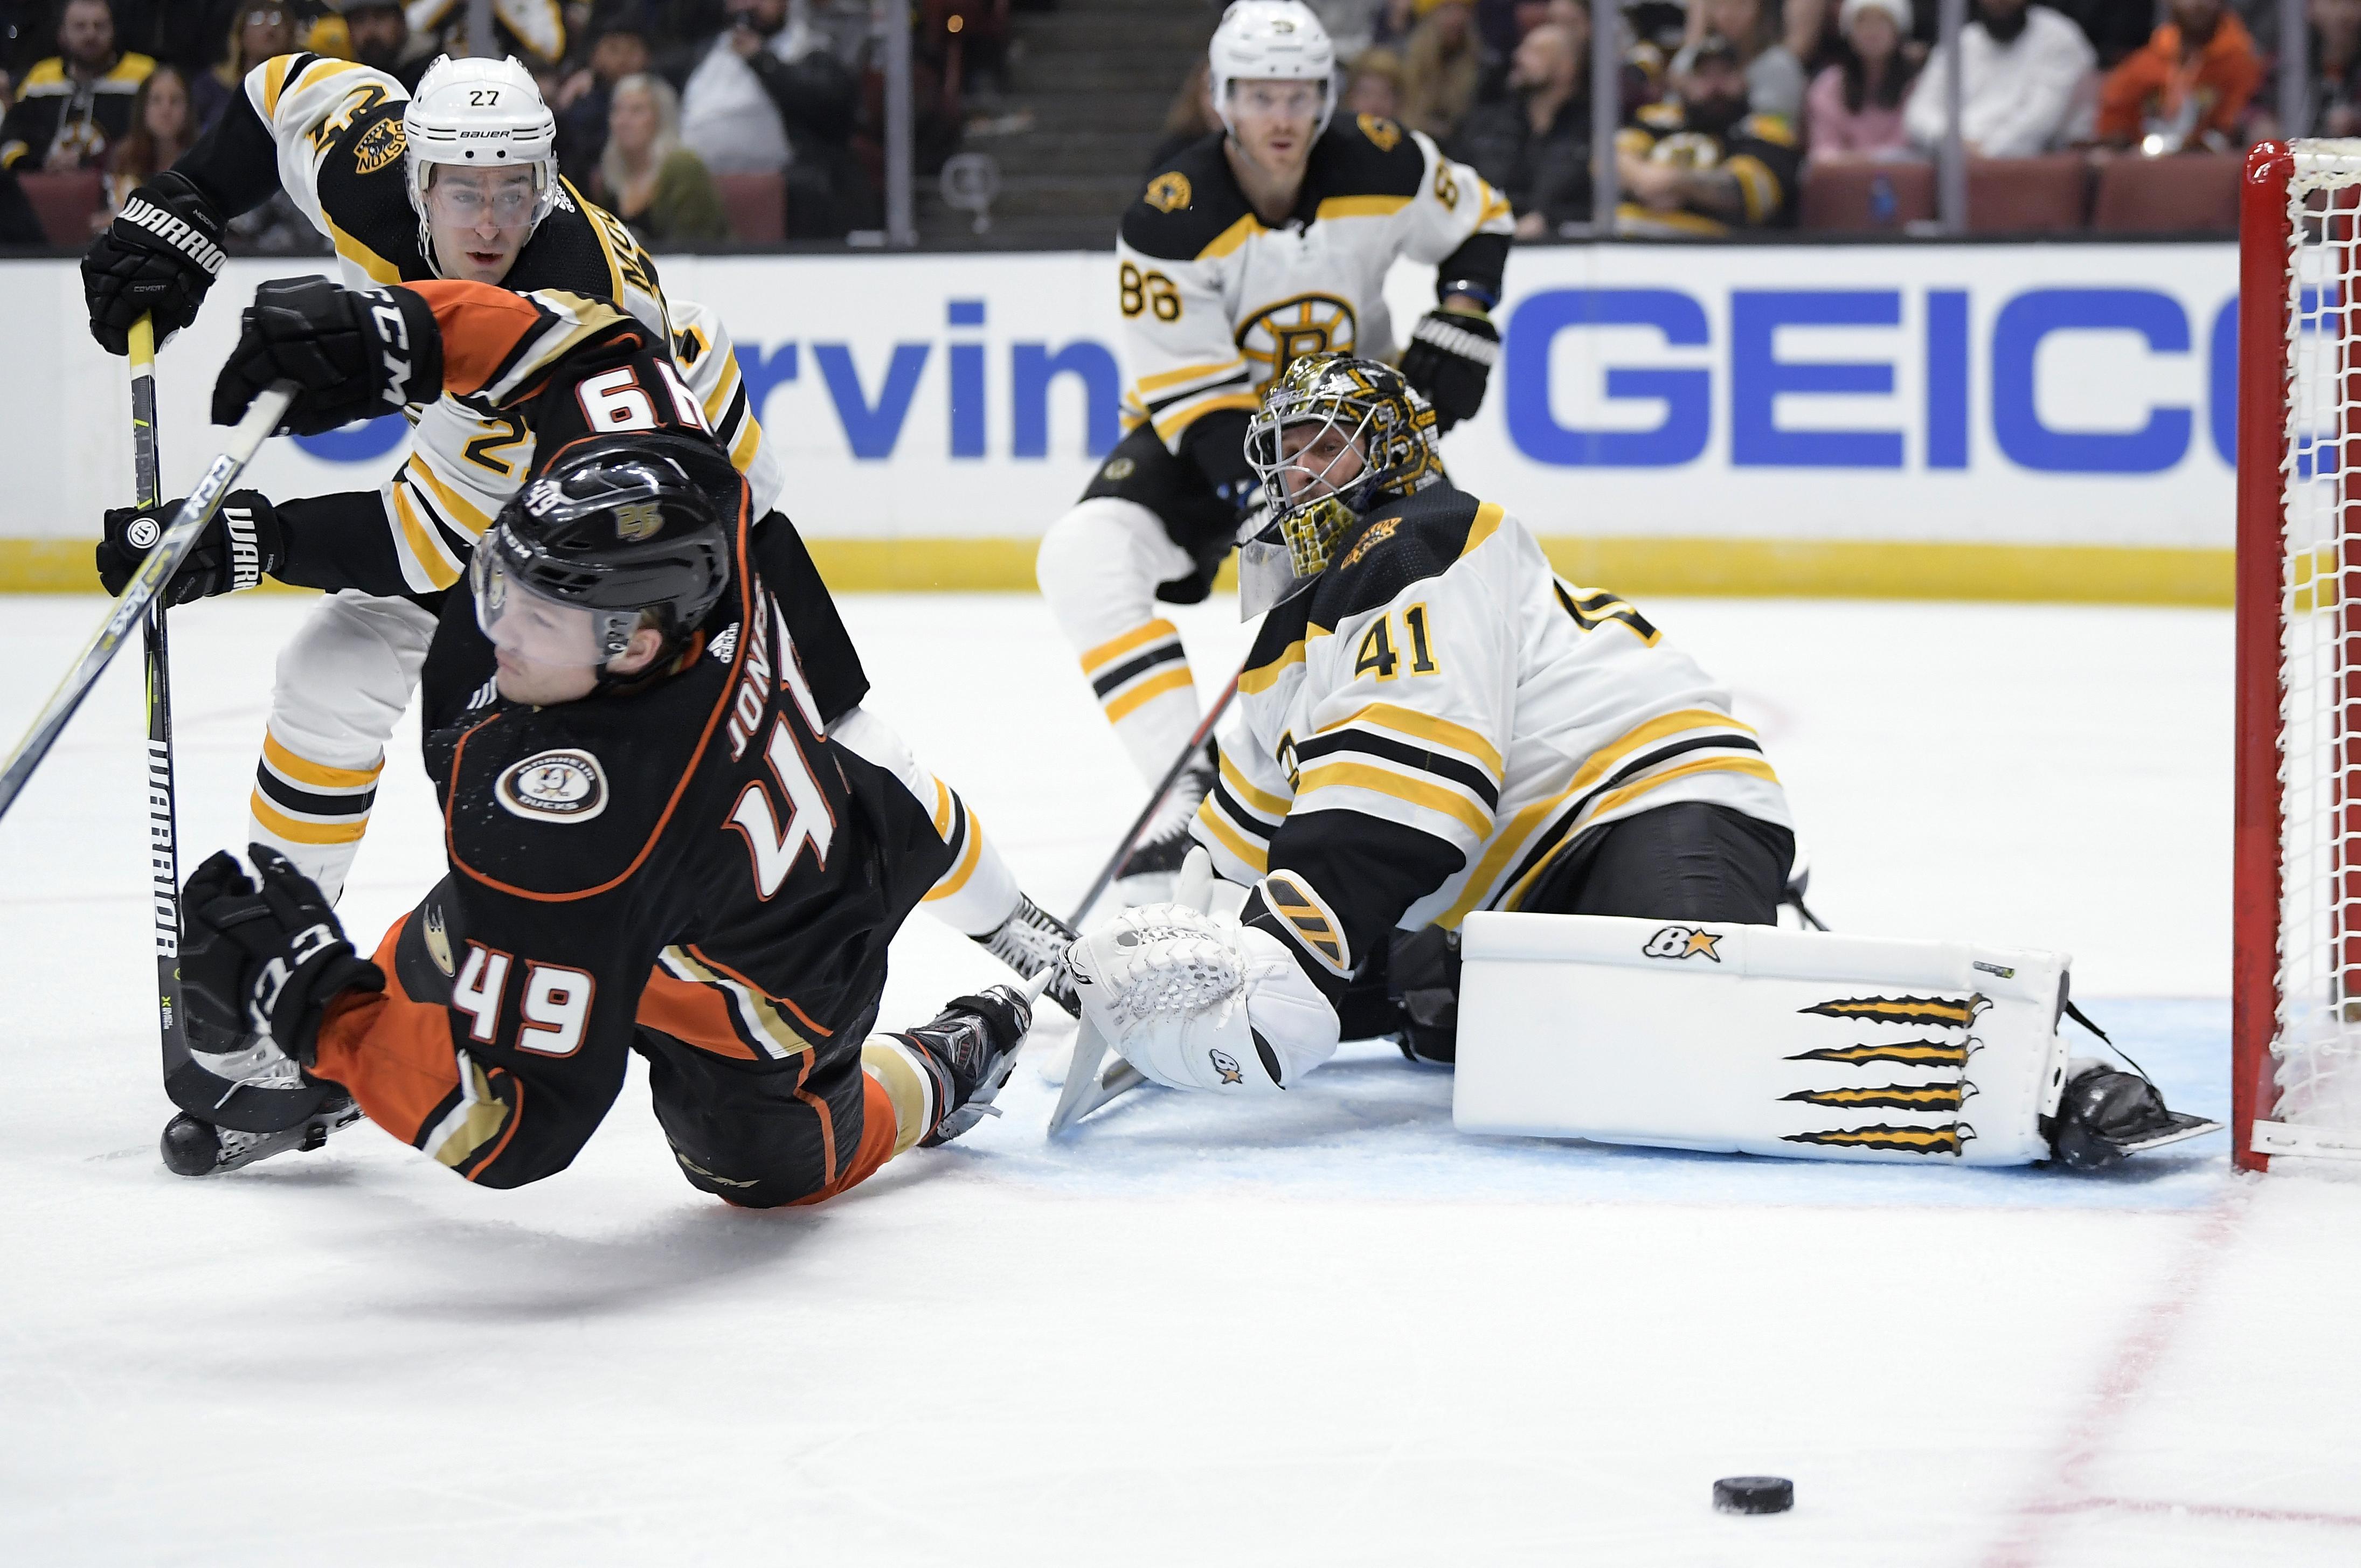 a6848bdf2 Boston Bruins goaltender Jaroslav Halak, right, deflects a shot as Anaheim  Ducks left wing